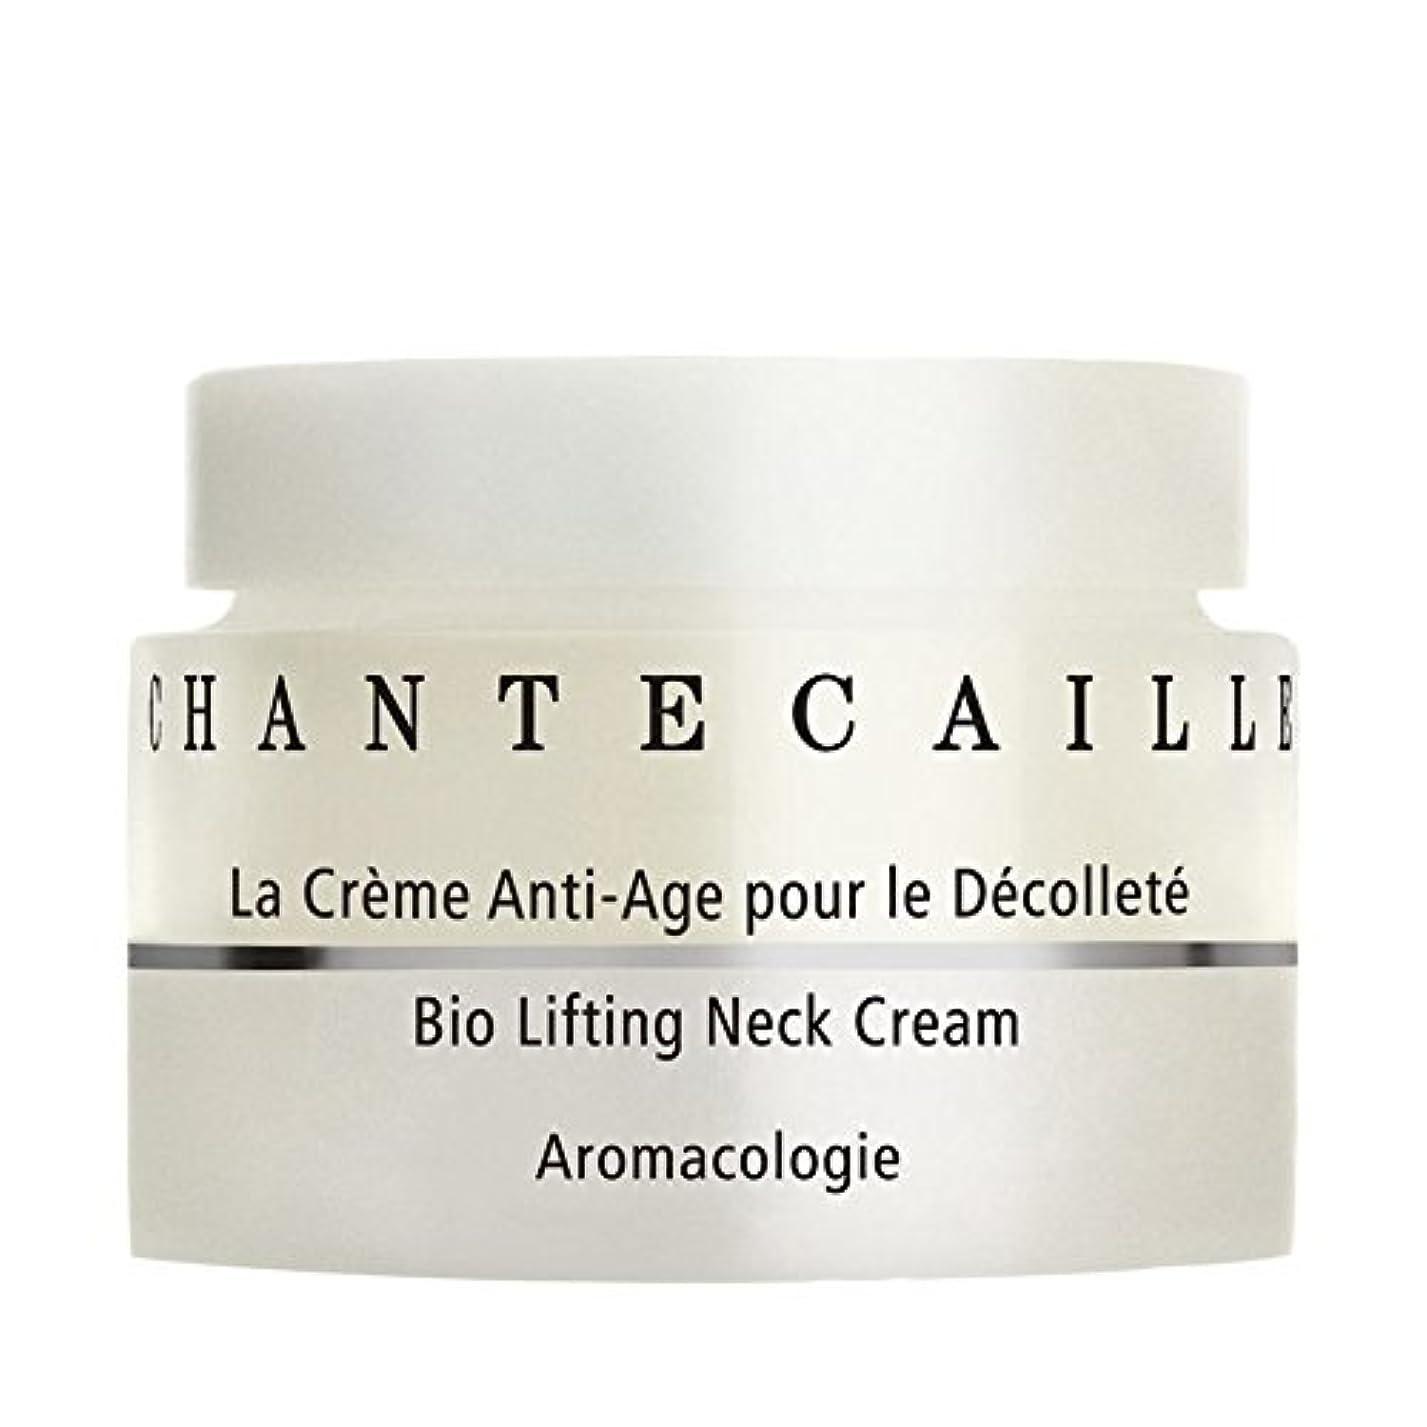 壮大適応うまくやる()シャンテカイユバイオダイナミックリフティングネッククリーム、シャンテカイユ x2 - Chantecaille Biodynamic Lifting Neck Cream, Chantecaille (Pack of 2...